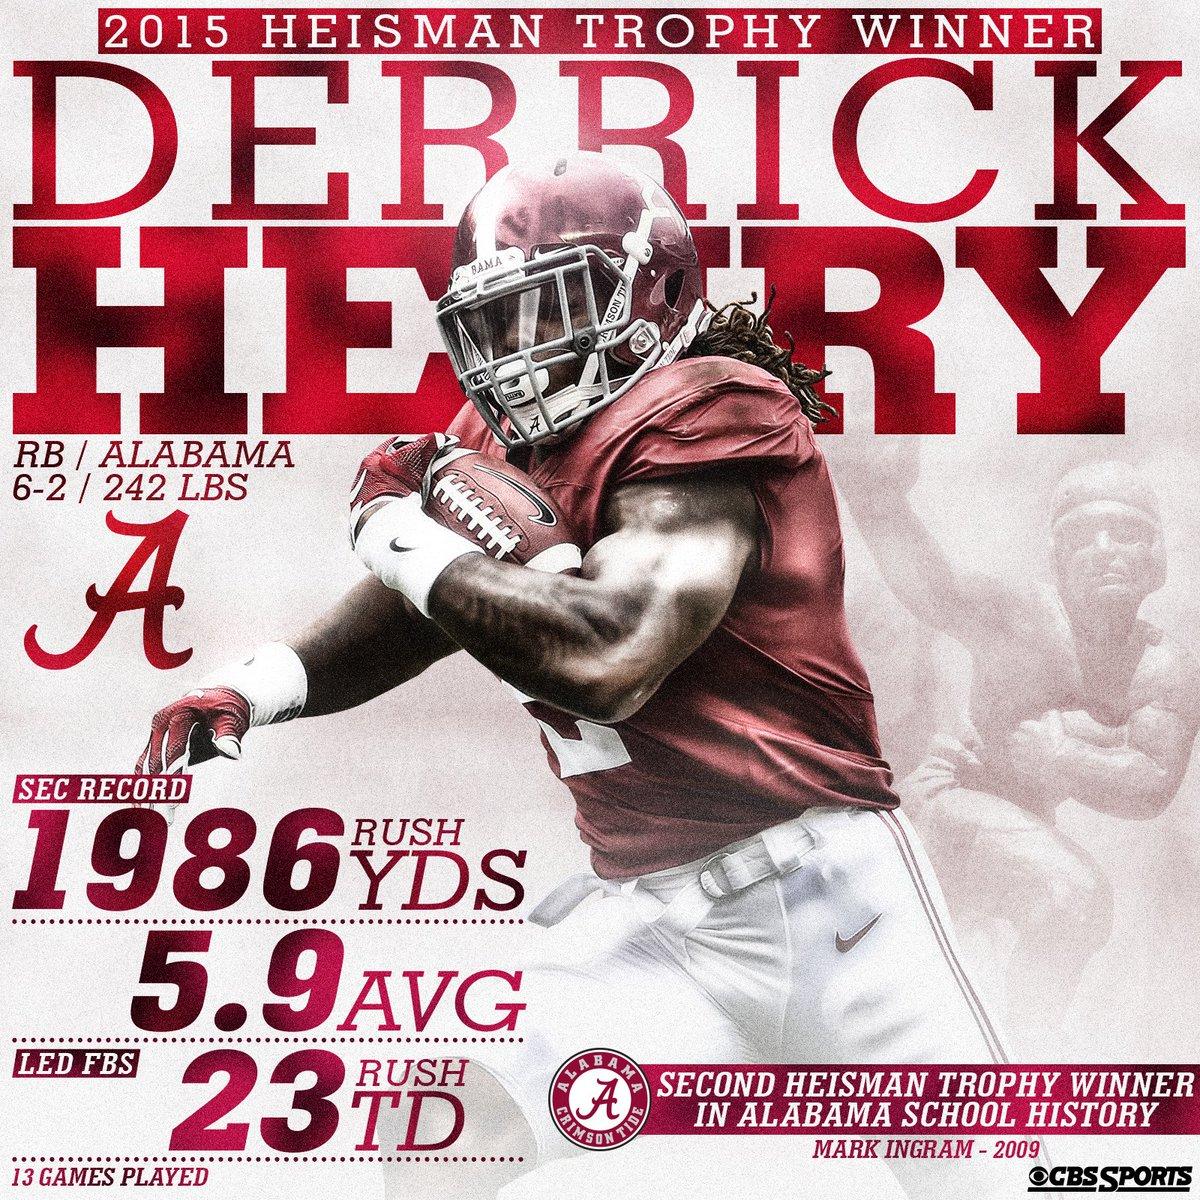 Congratulations to @AlabamaFTBL  star Derrick Henry on winning the 2015 Heisman Trophy. https://t.co/ctTDc1LtUq